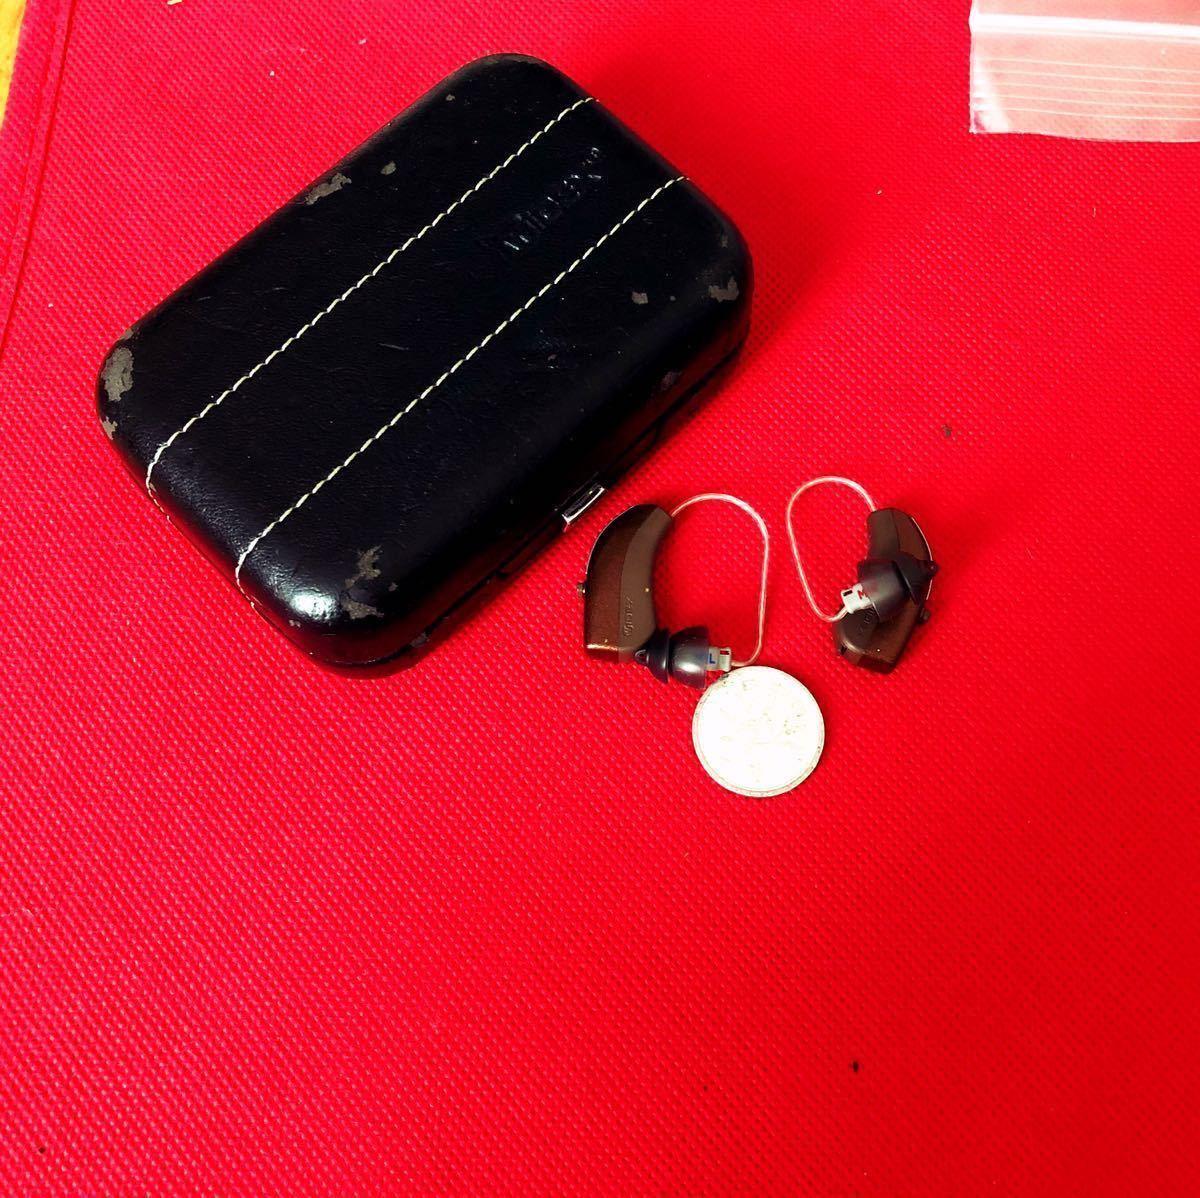 破格です!最先端AIプレミム機種430,000円【ワイデックス補聴器イヴォークEvoke220】RIC両耳セット ラジオや音声はは補聴器の中から聴ける!